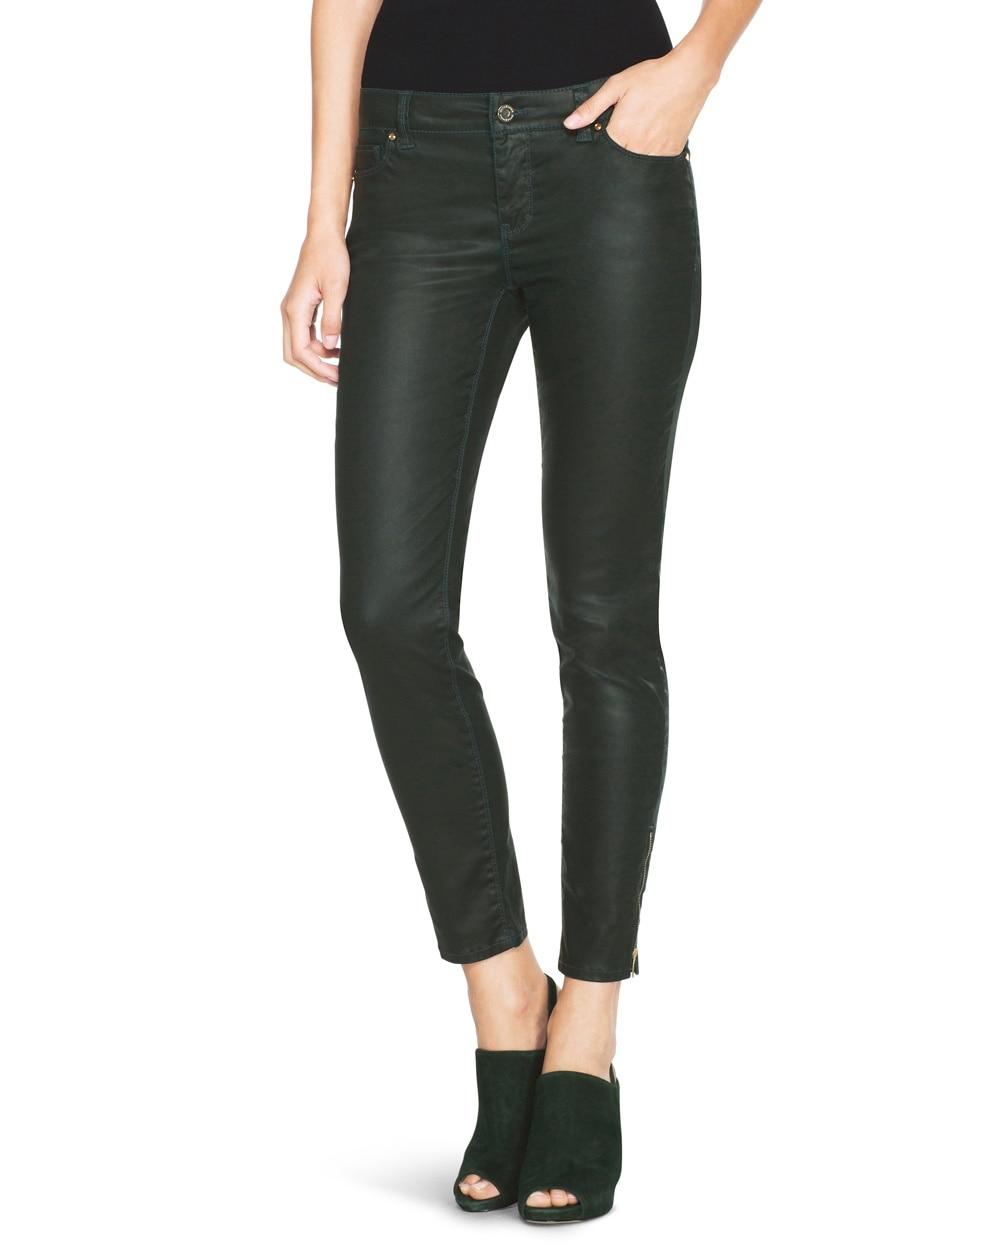 Coated Skimmer Jeans - White House Black Market